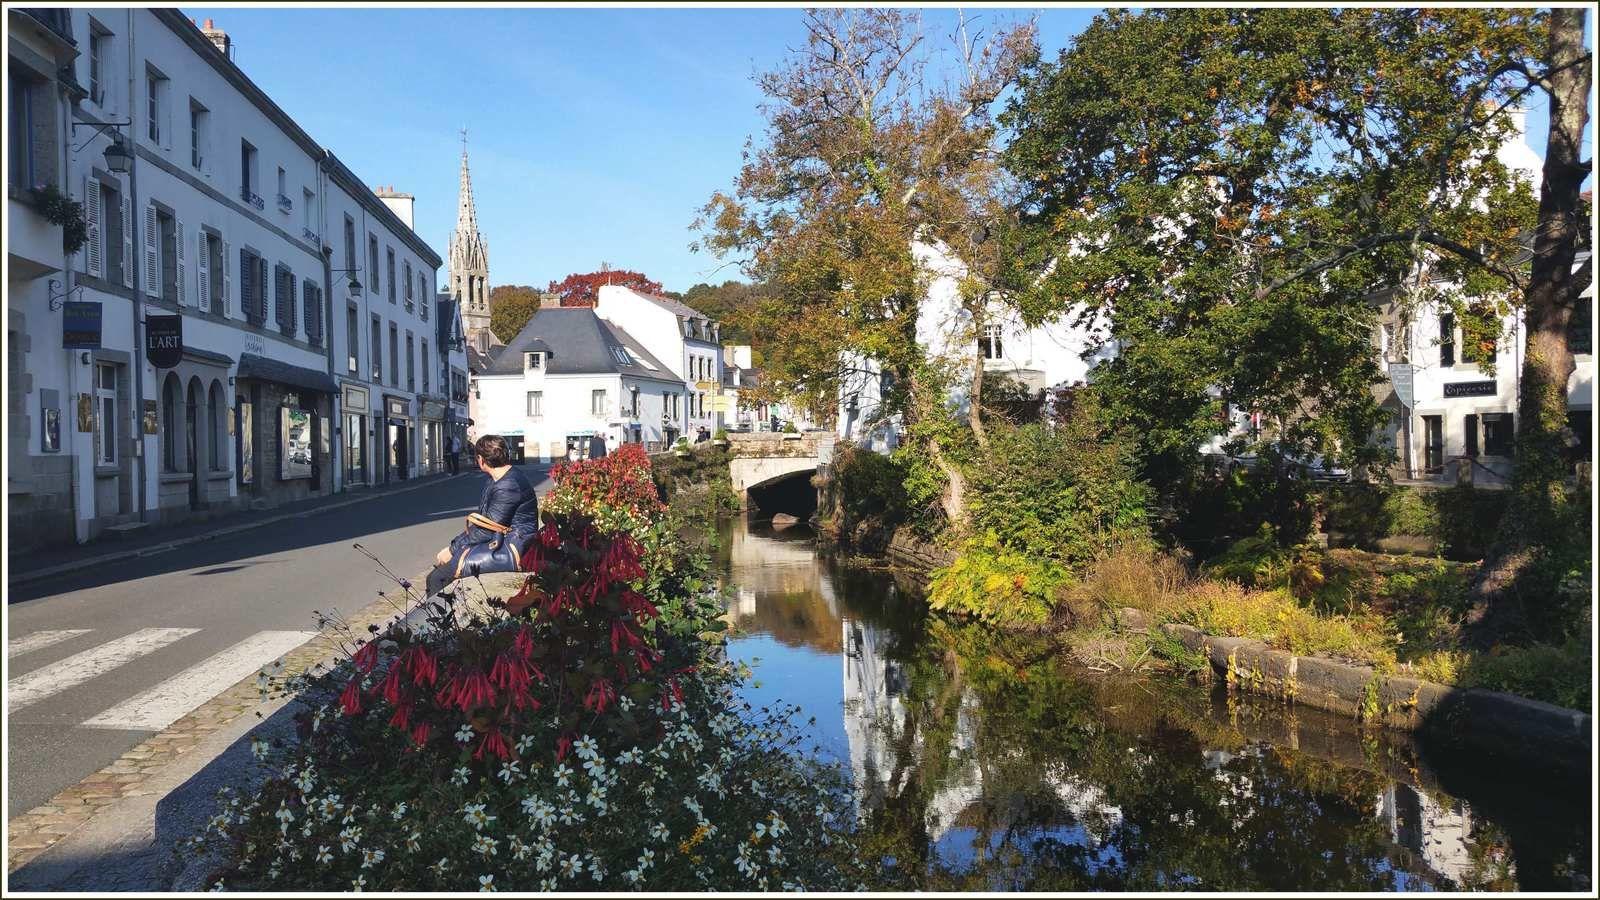 285 - Pont-Aven 30 octobre 2016 Les couleurs de la palette des peintres, balade bucolique sur les rives de la ria de l'Aven Finistère  photos © GeoMar